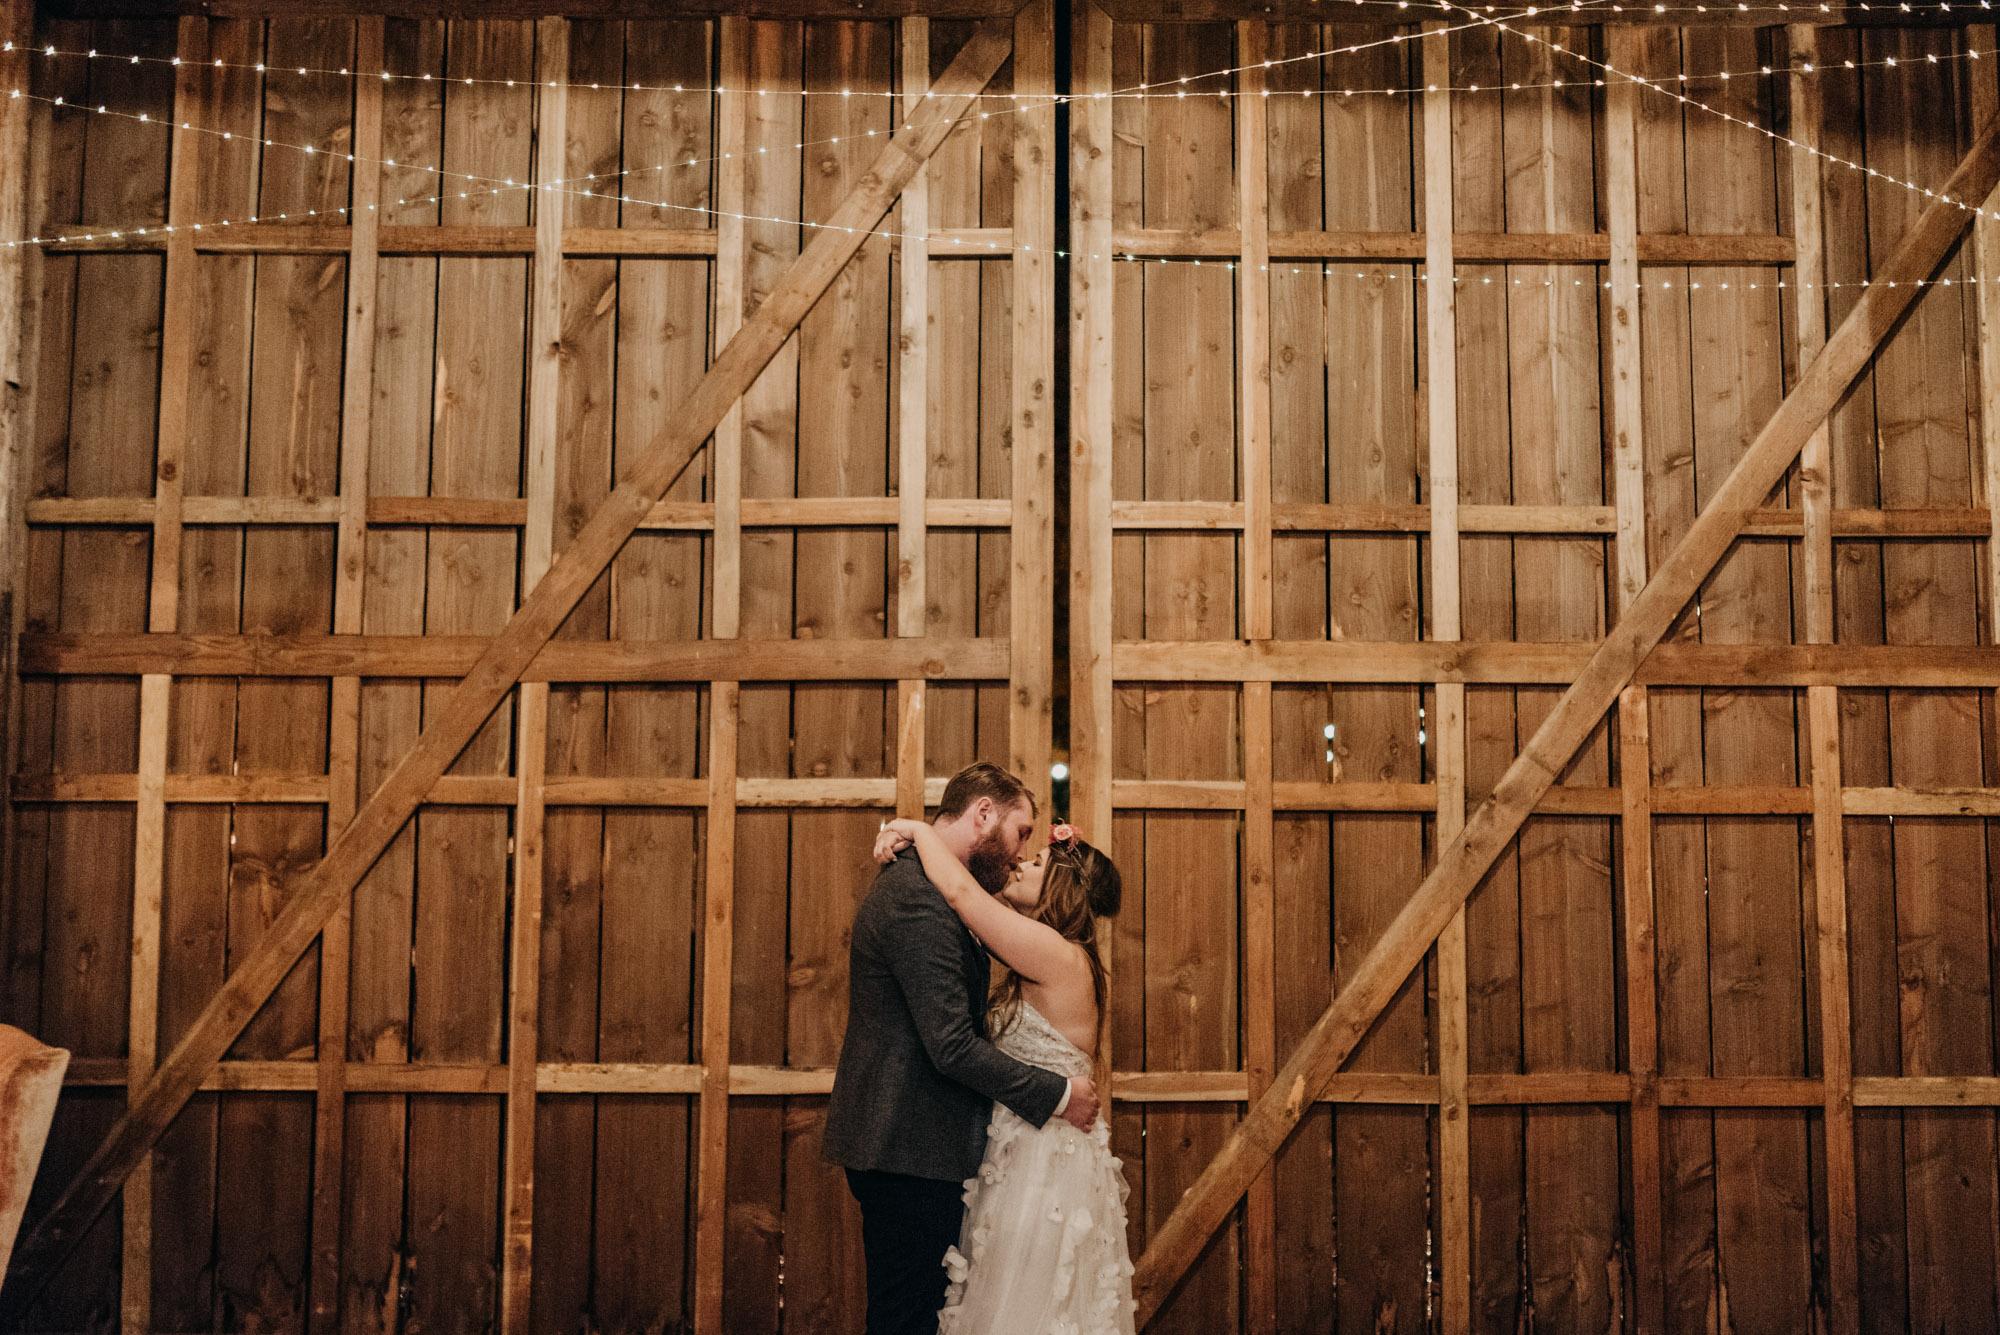 Indoor-Barn-Ceremony-Dancing-Washington-9878.jpg